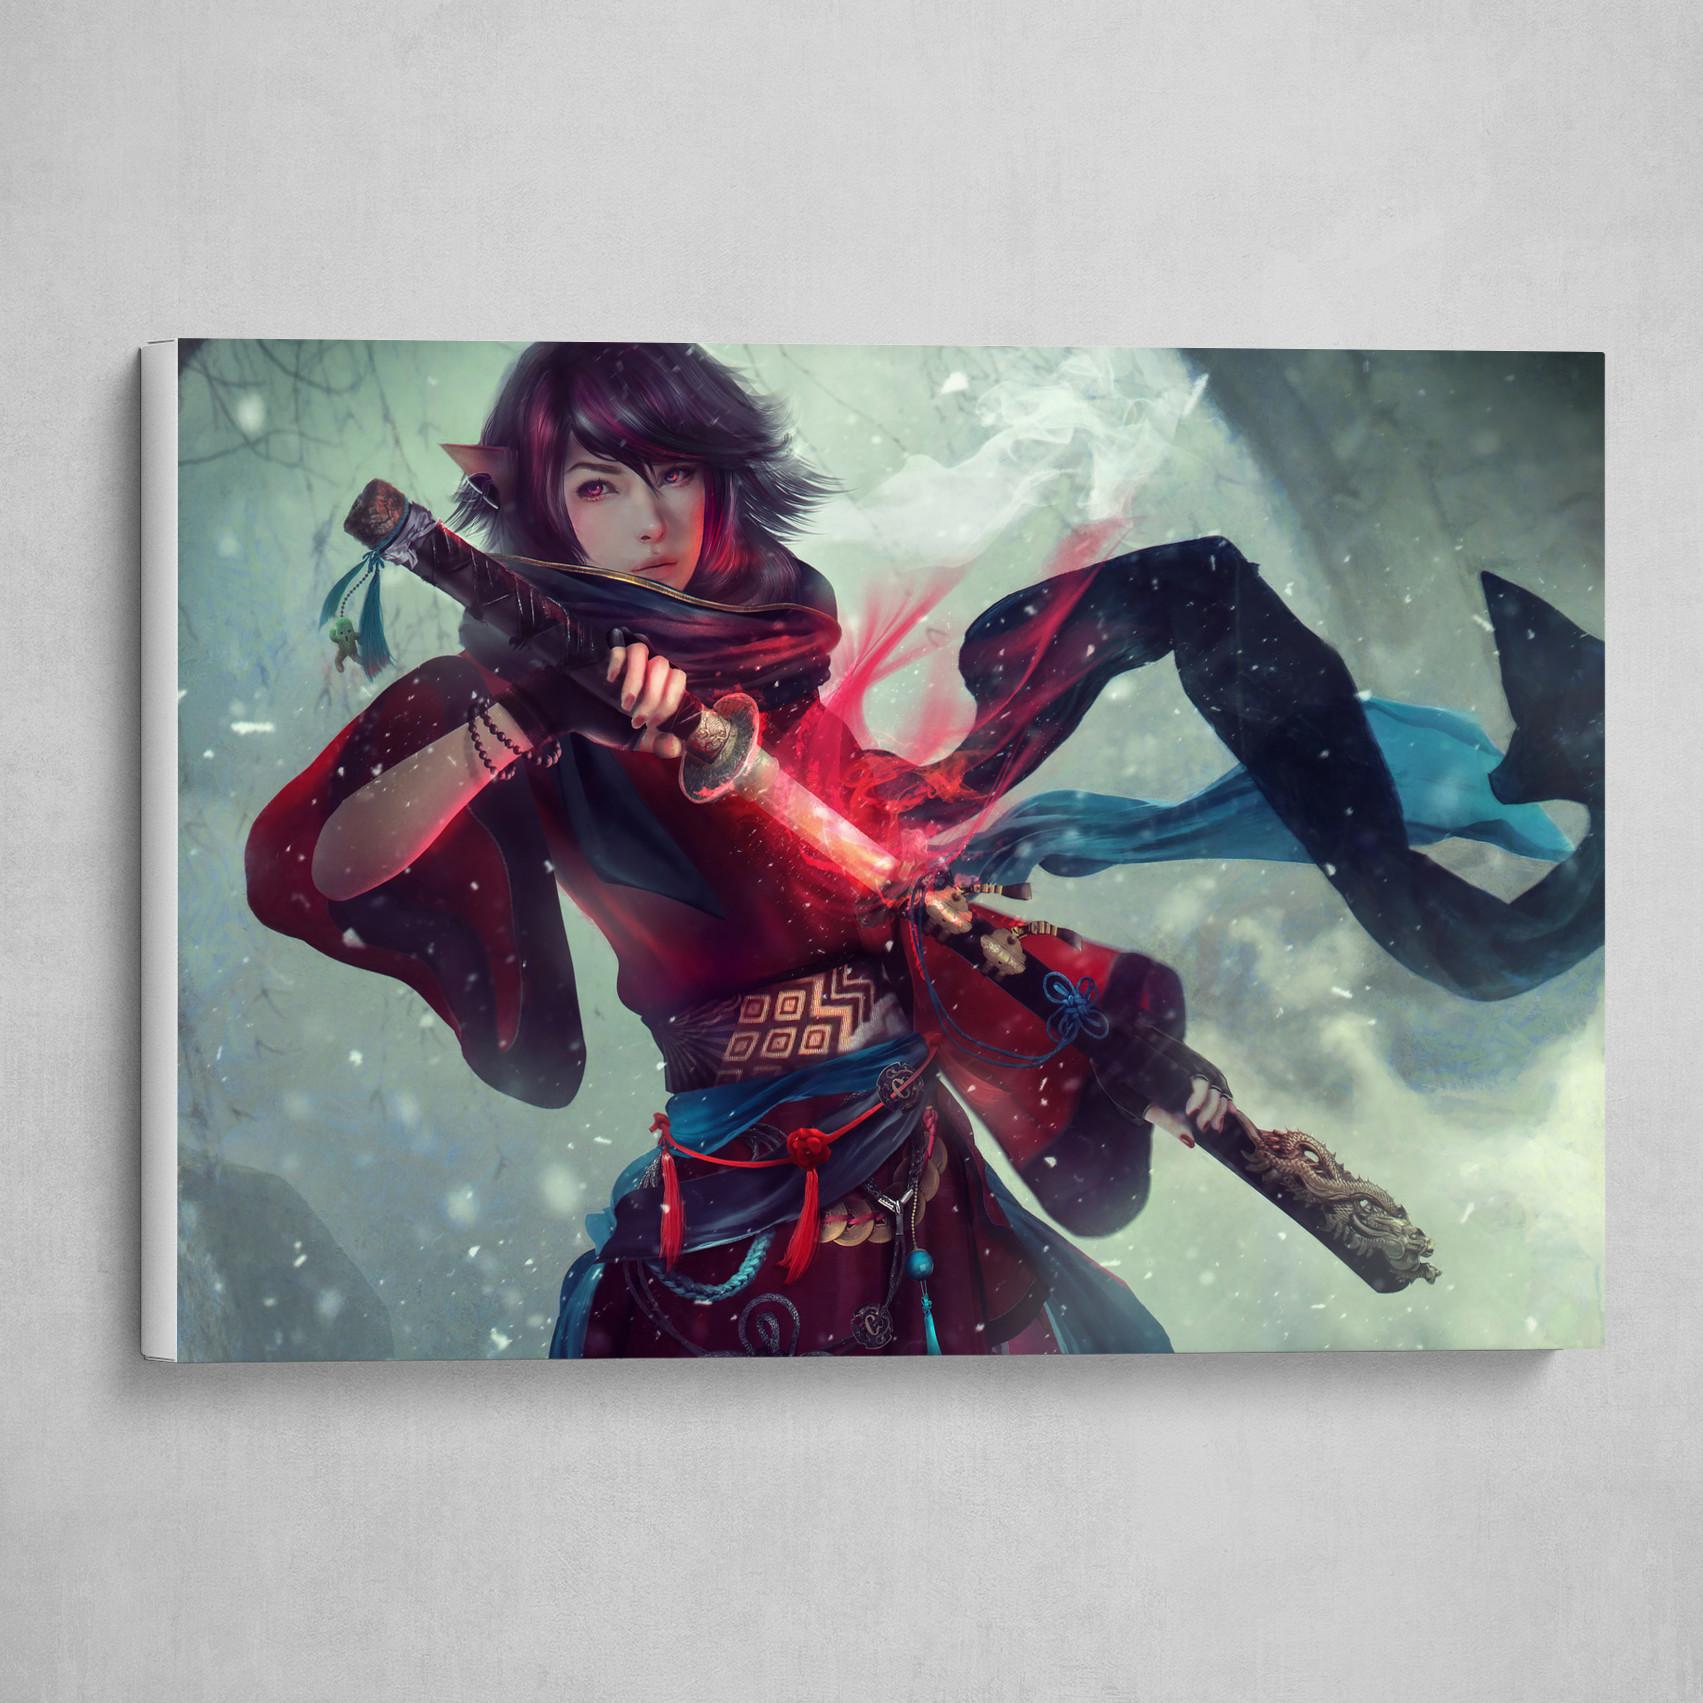 Elezen Samurai Girl, Final Fantasy